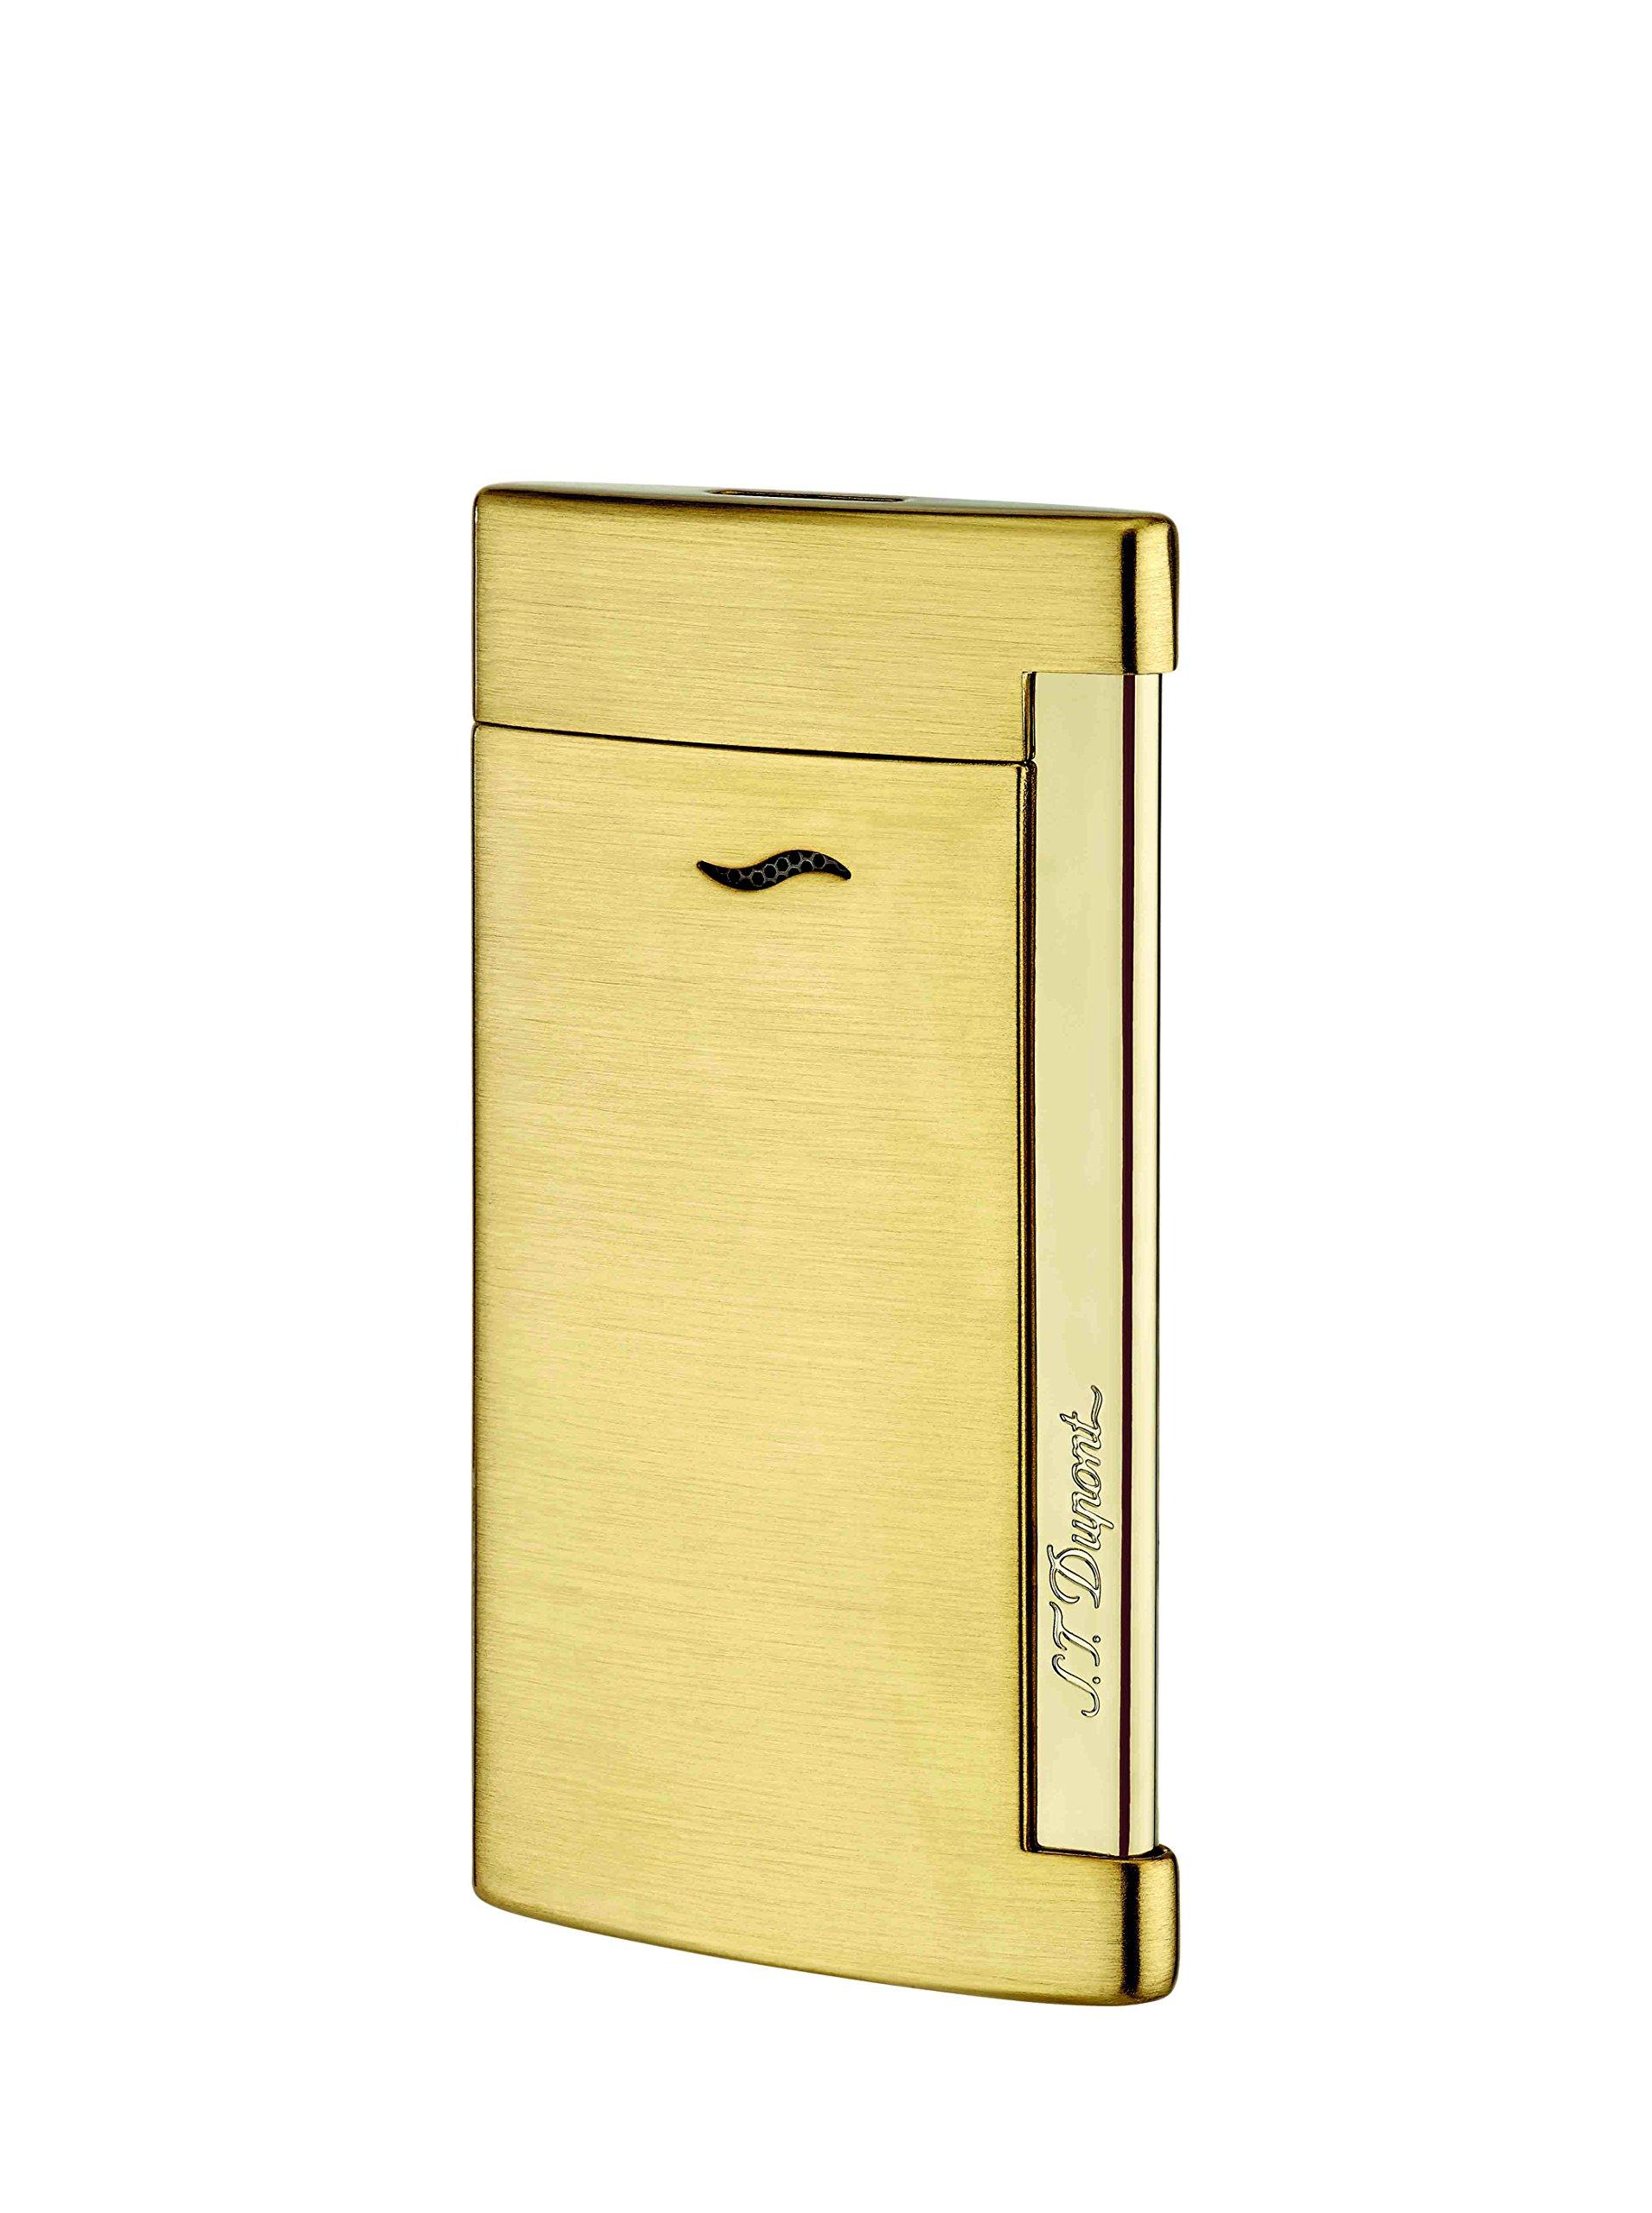 S.T. Dupont SLIM 7 golden brushed Jet Lighter / 027711